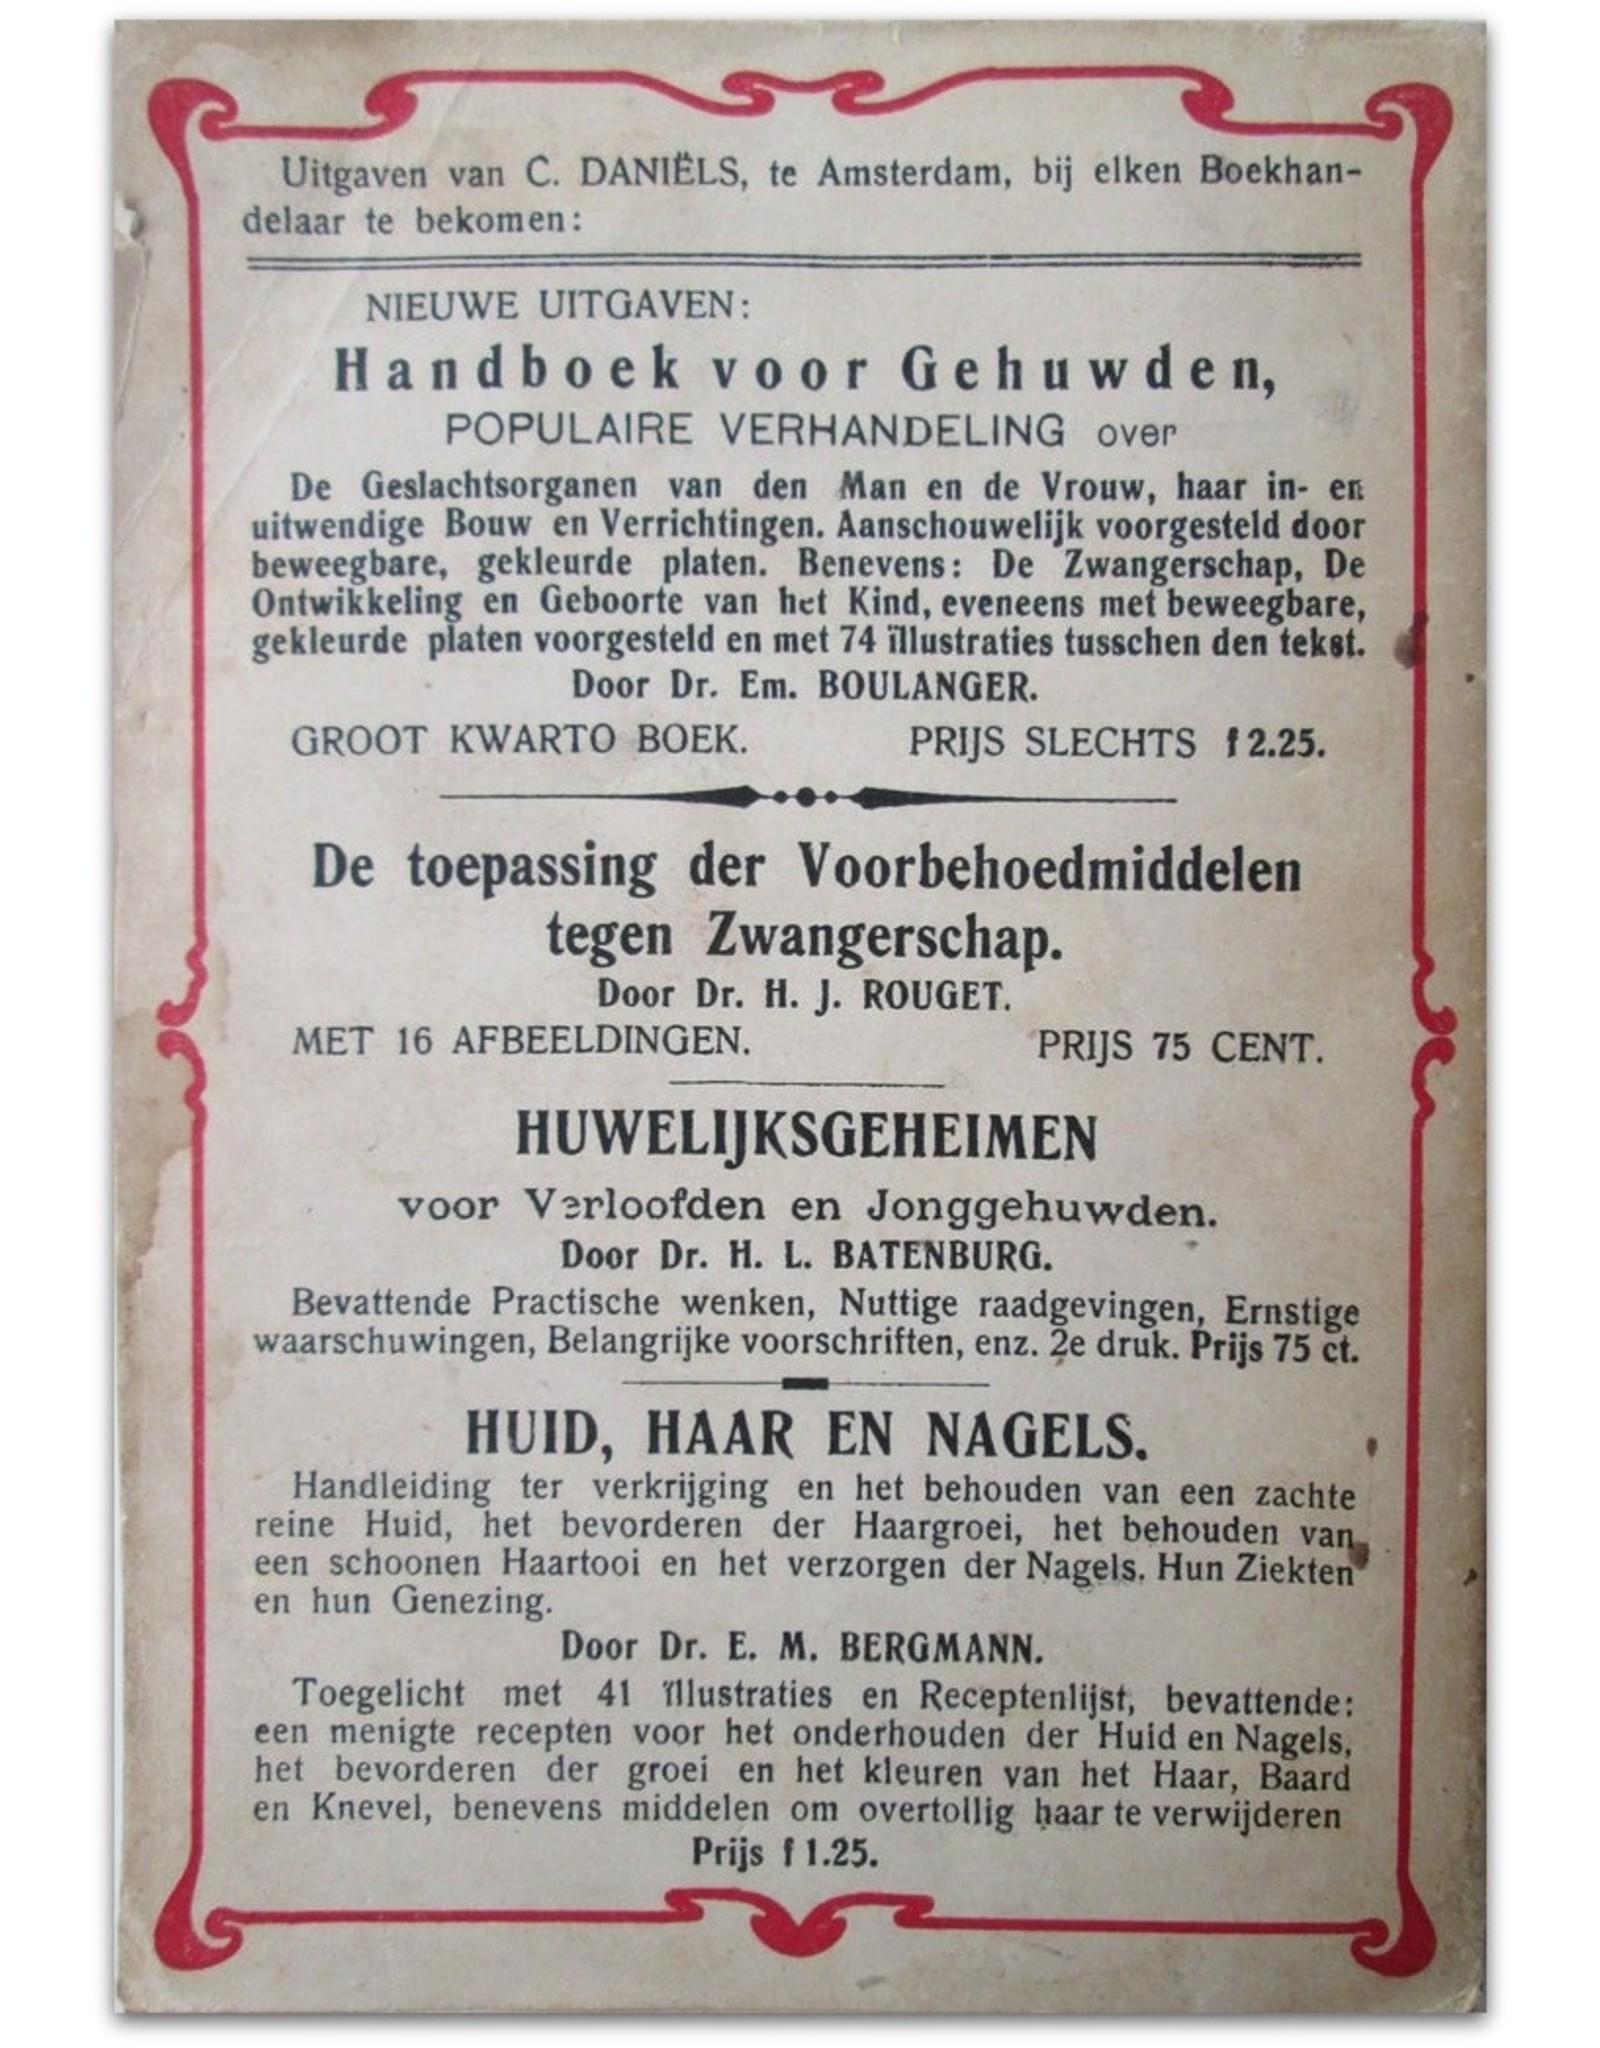 Dr. Wilhelm Fischer - De Prostitutie. Haar geschiedenis, haar betrekking tot de misdaad, alsmede tot de ontaarding van het moderne geslachtsleven